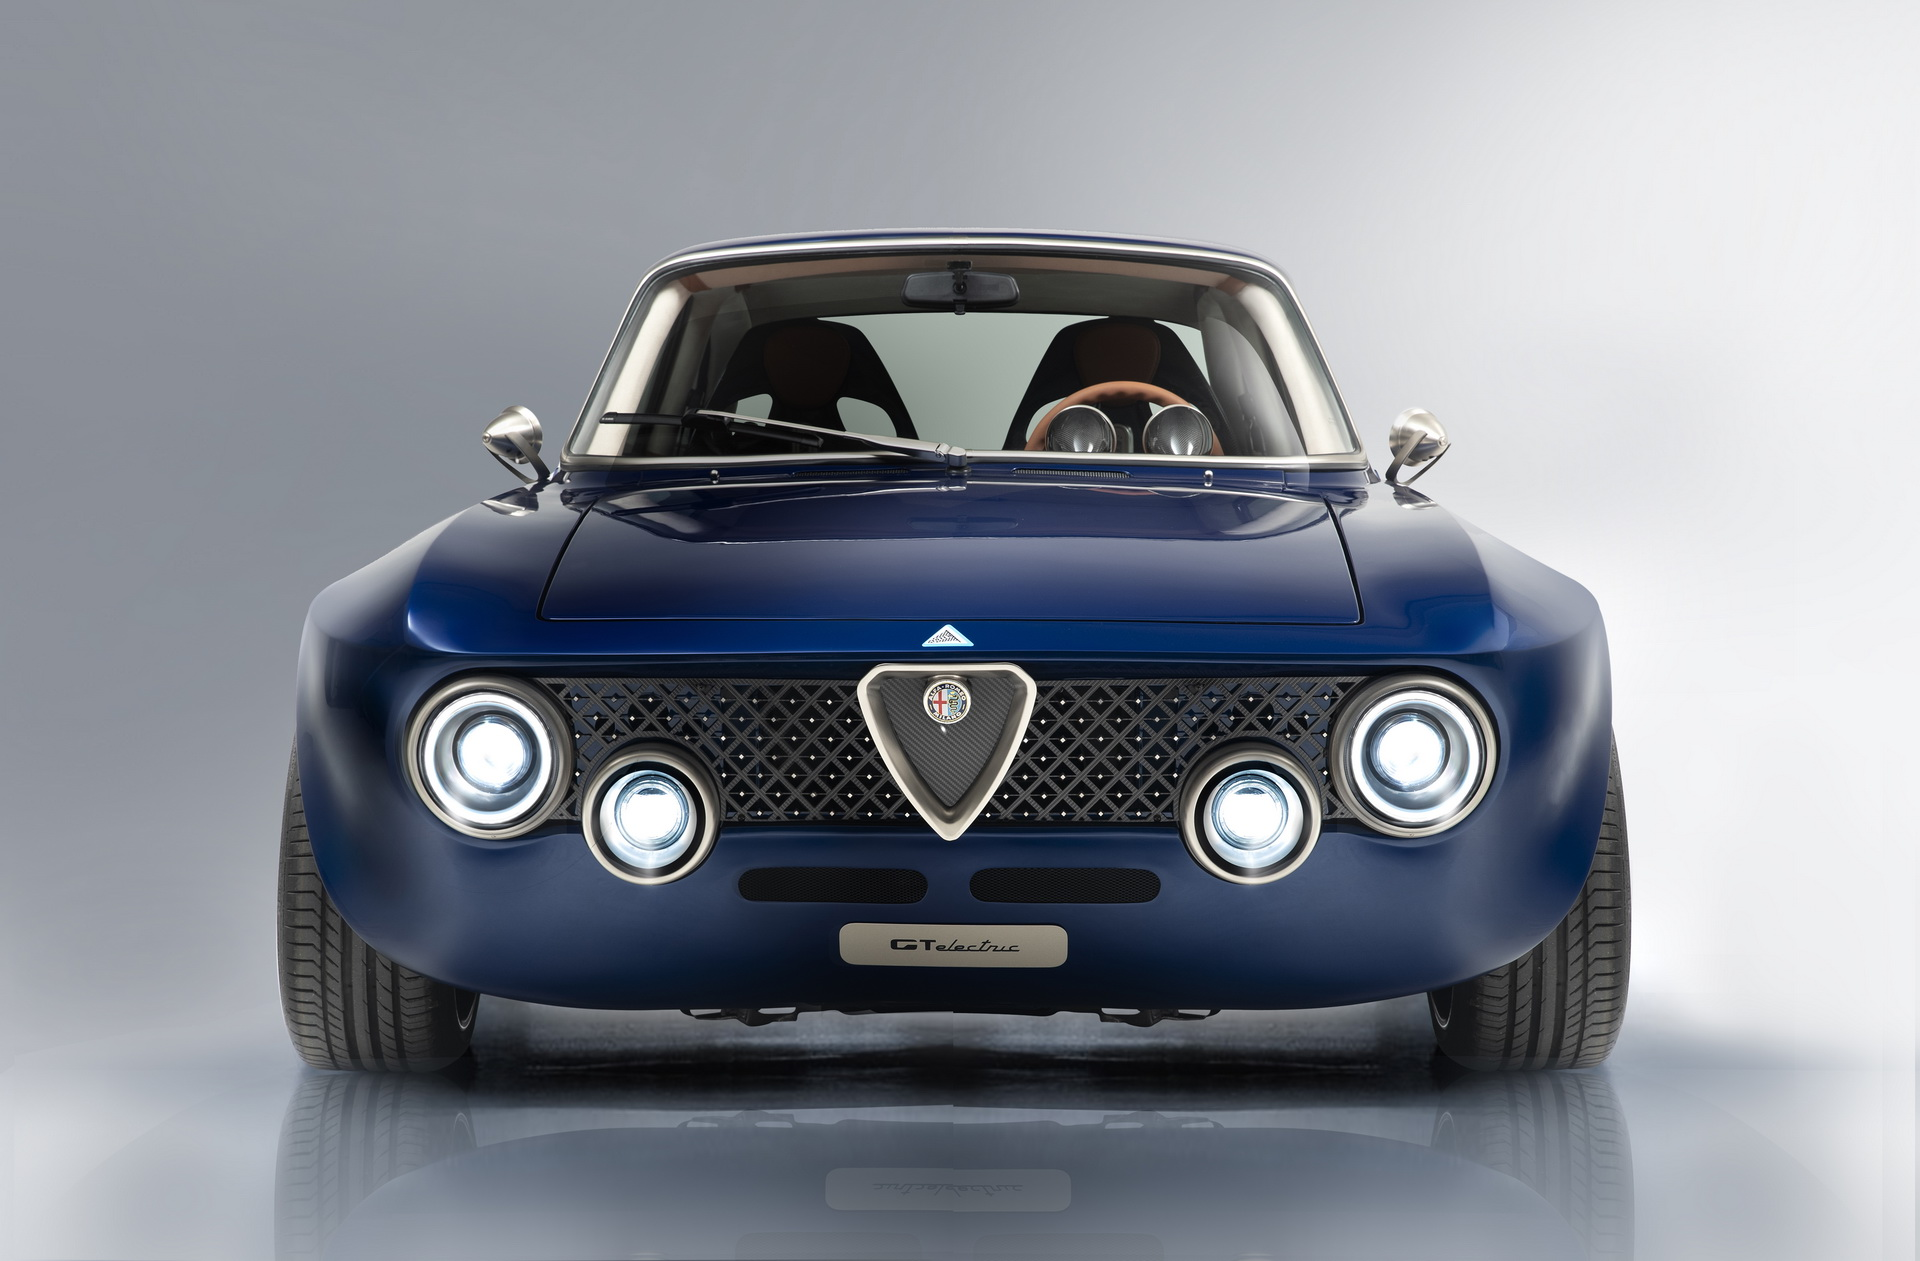 Totem Alfa Romeo Gtelectric 25